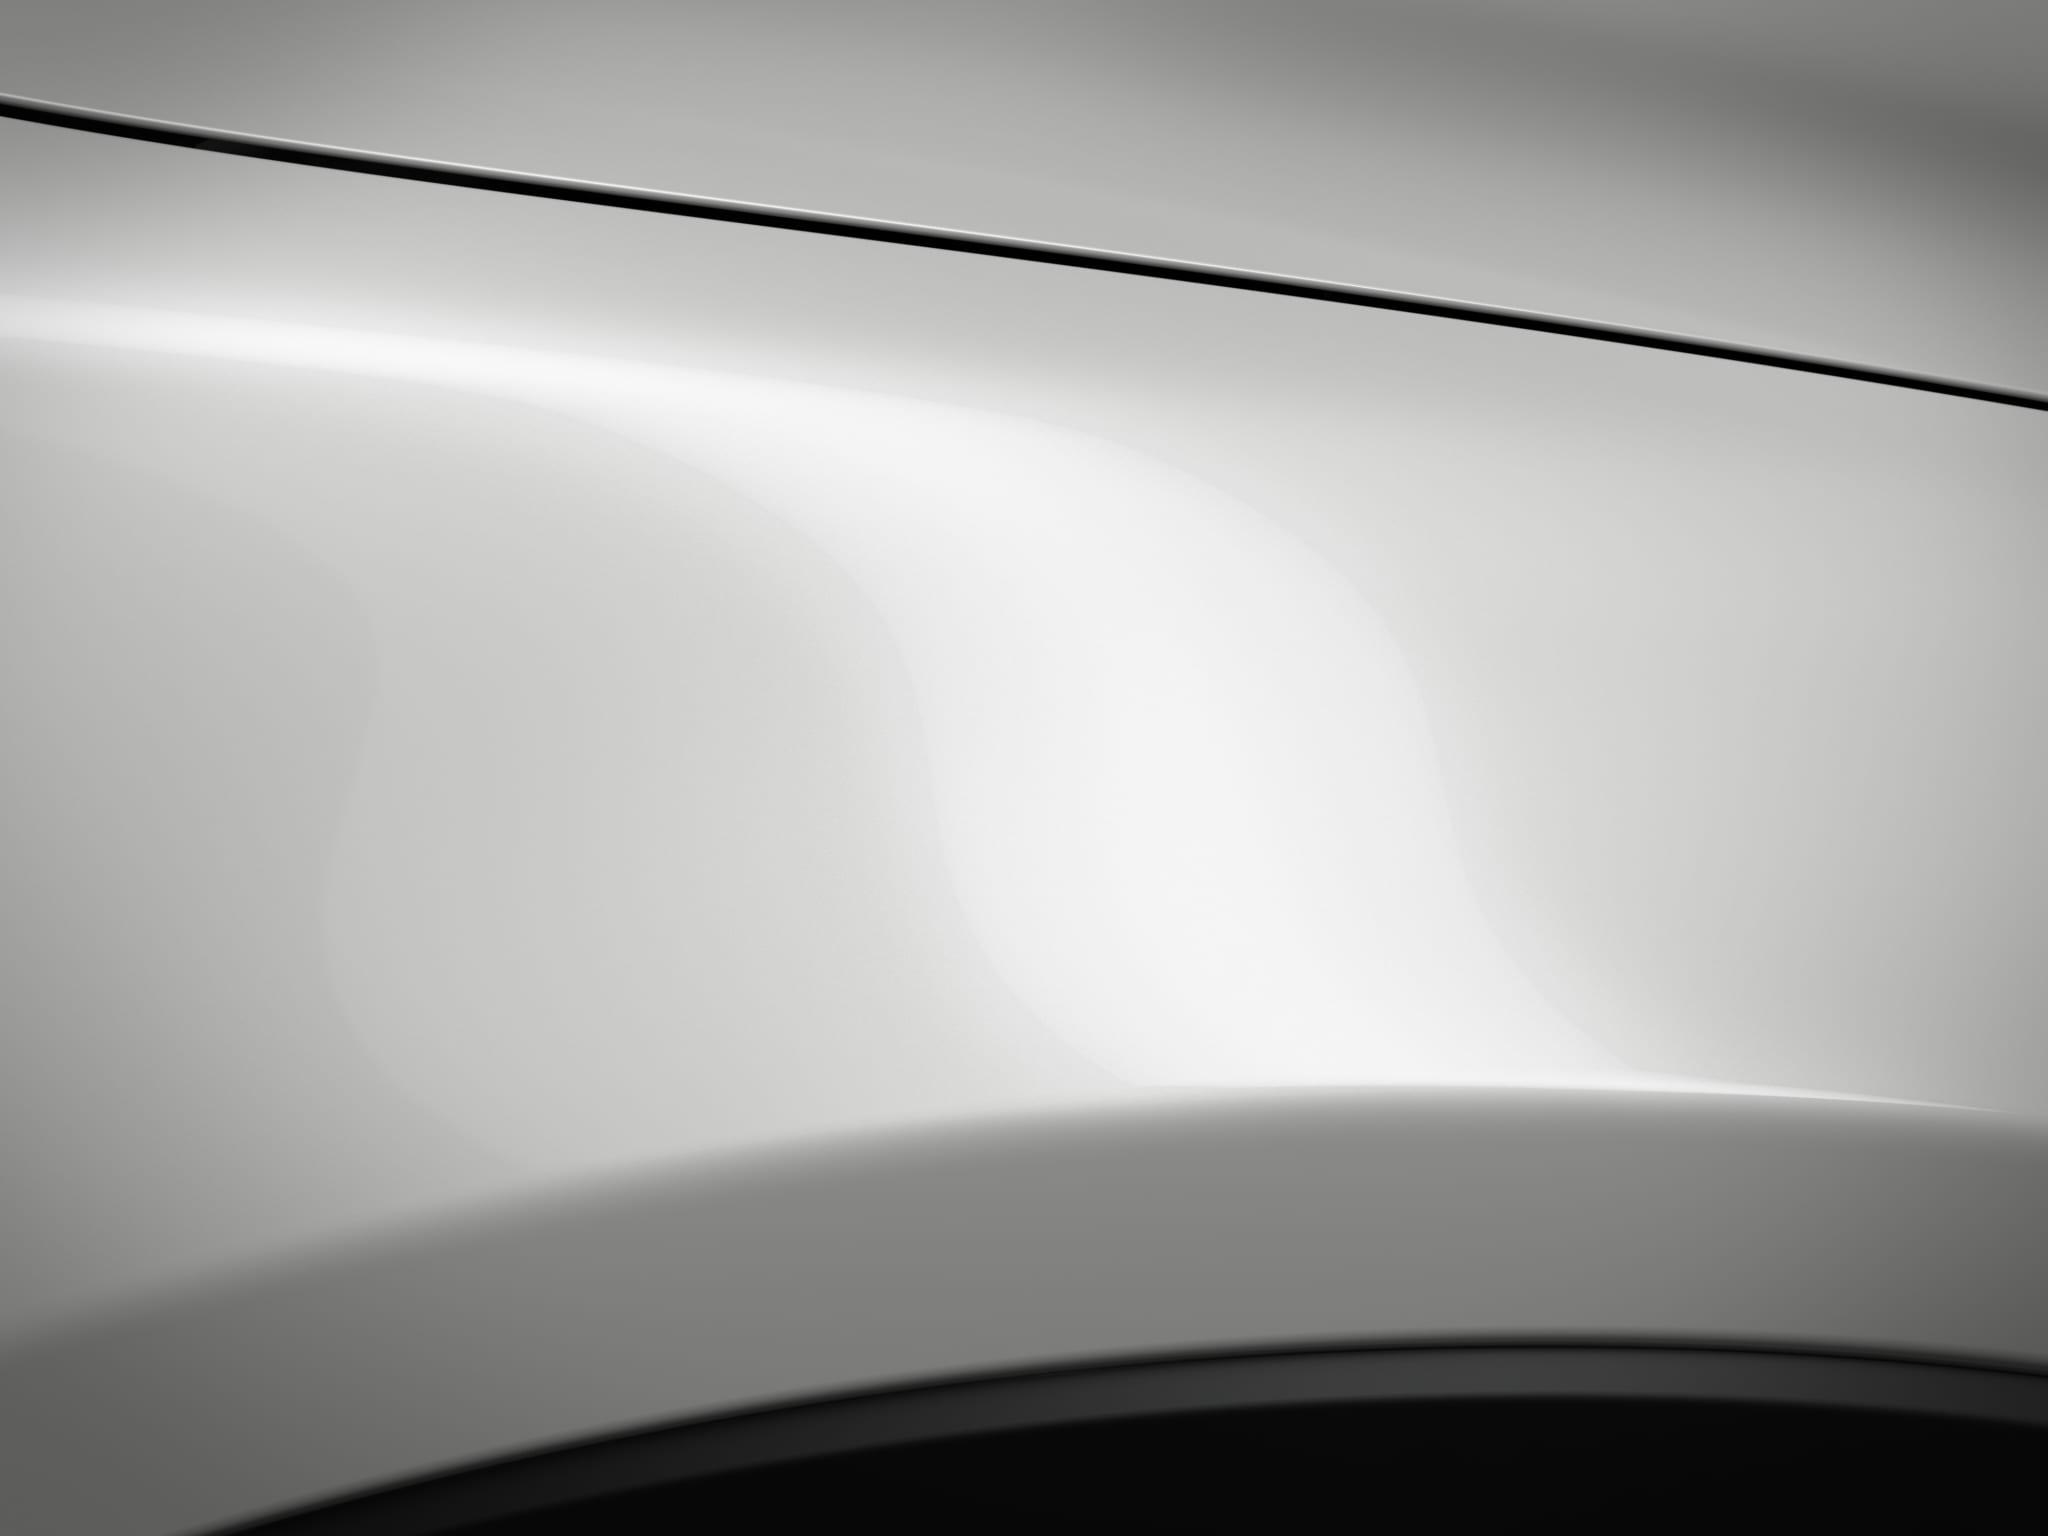 マツダ CX-30 スノーフレイクホワイトパール カラー見本 2019